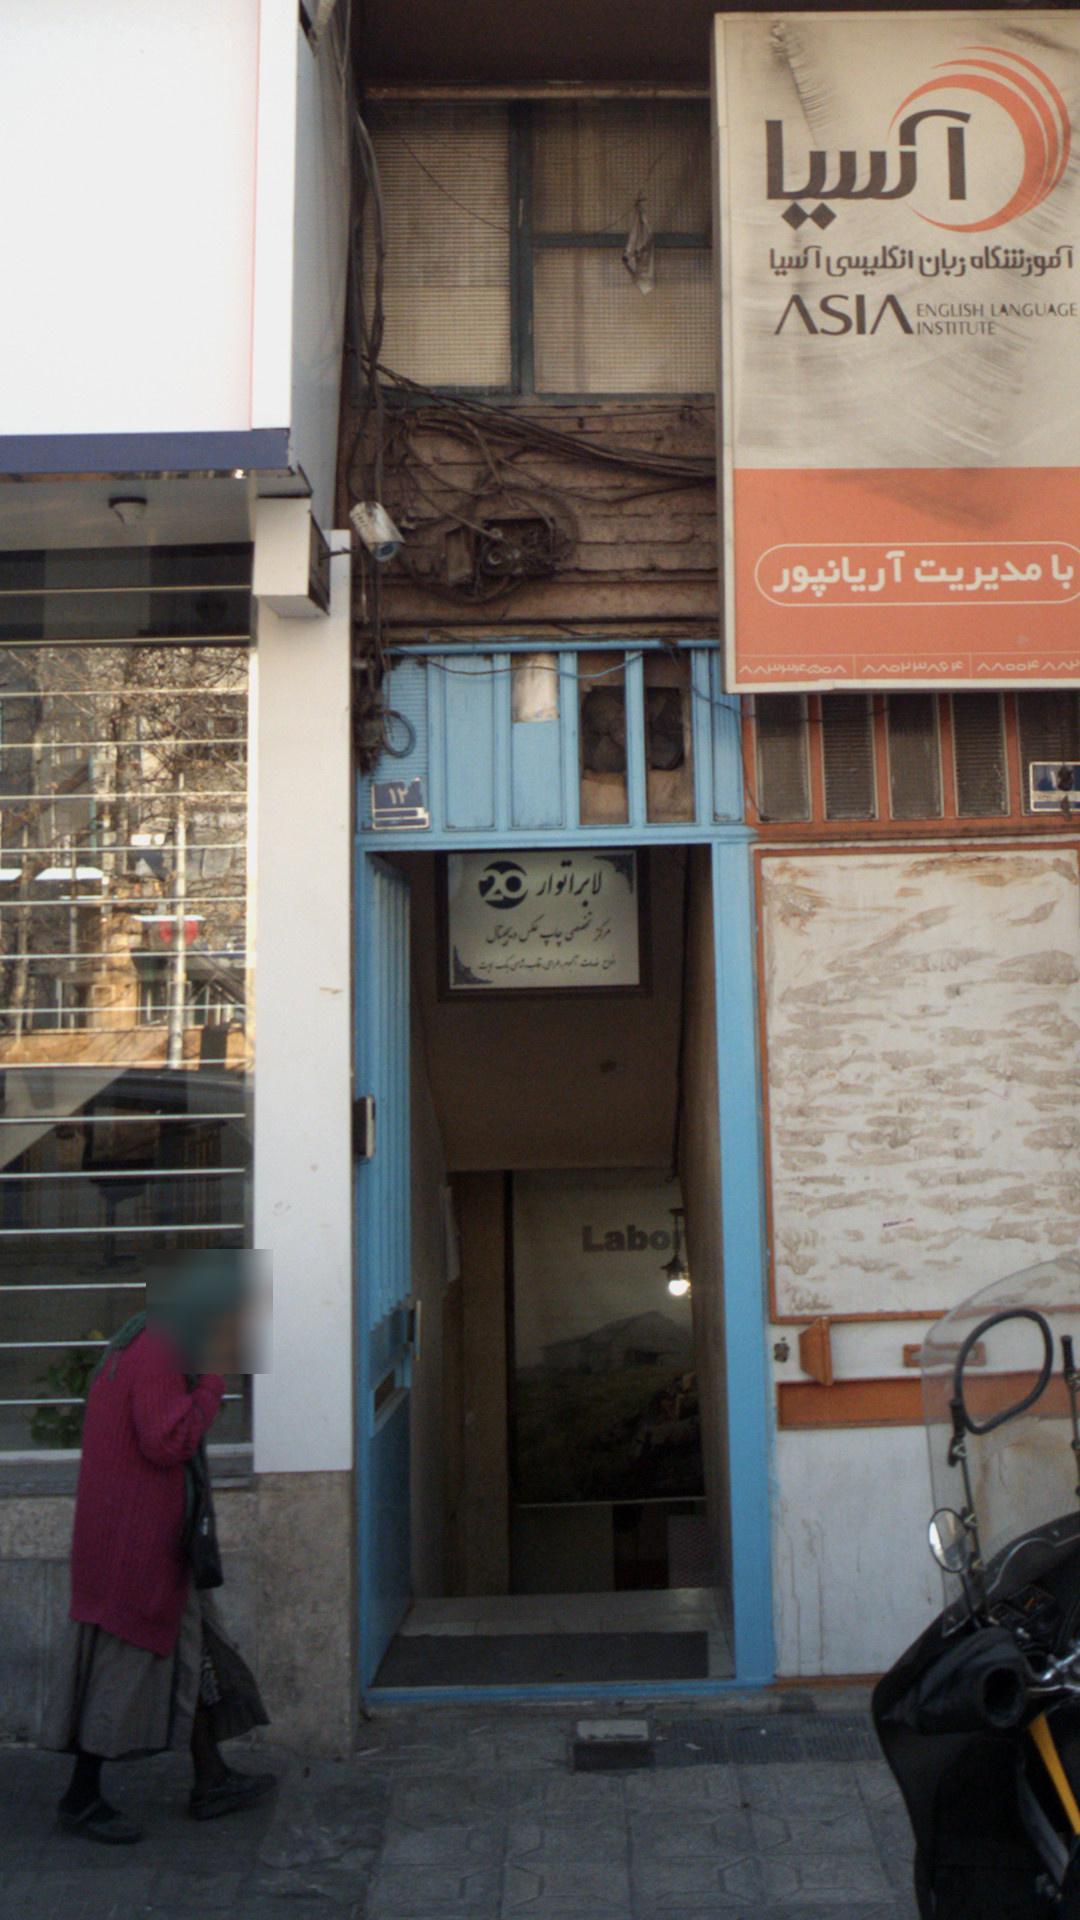 مرکز تخصصی چاپ دیجیتال